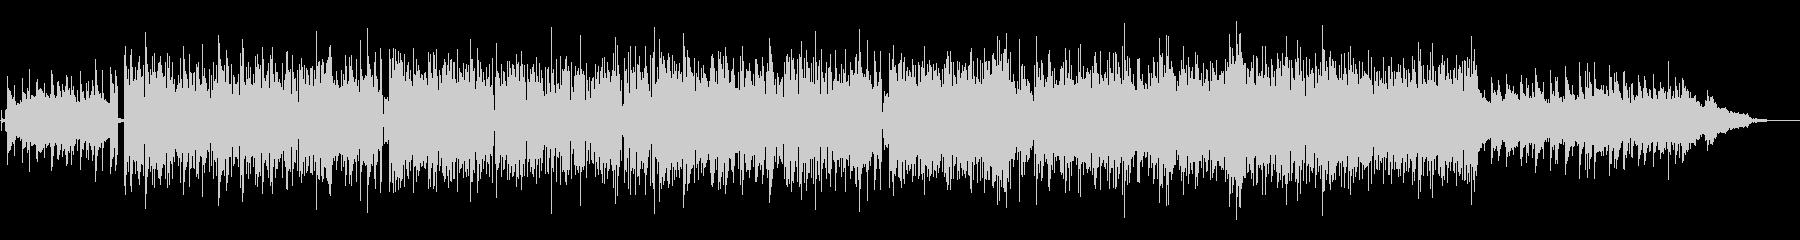 尺八の音色の軽快なBGMの未再生の波形